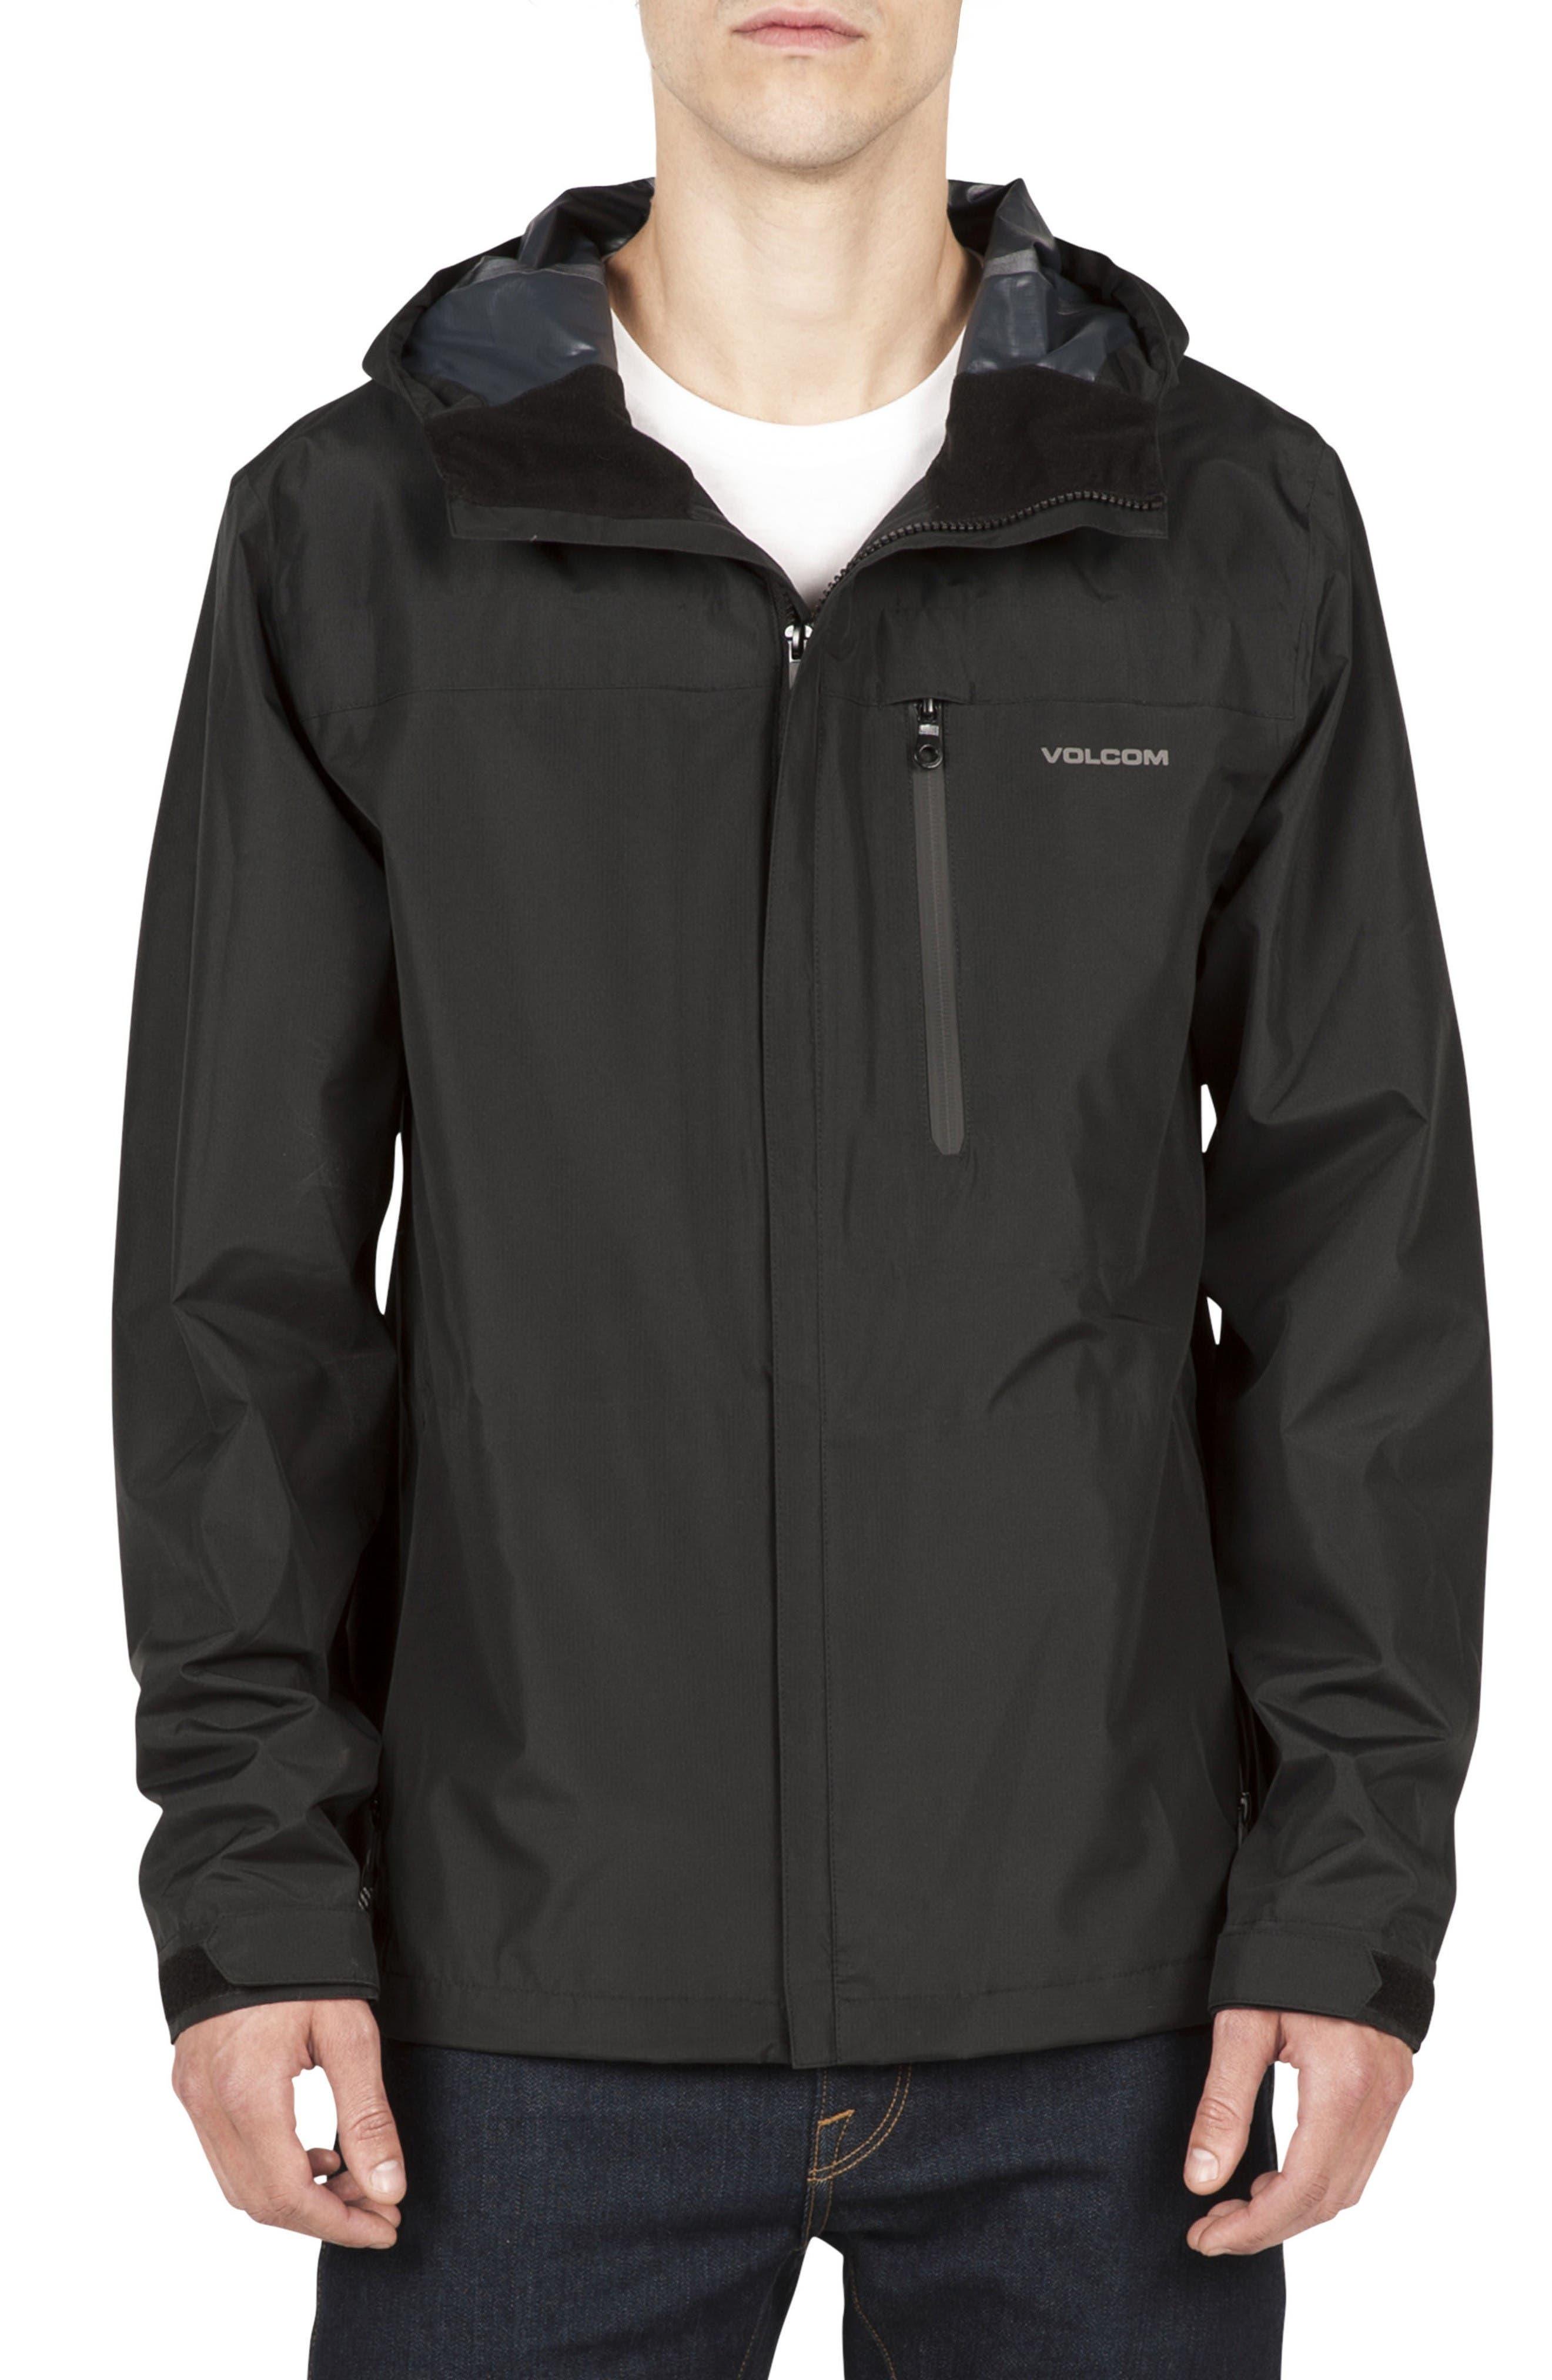 Volcom Water Resistant Zip Jacket